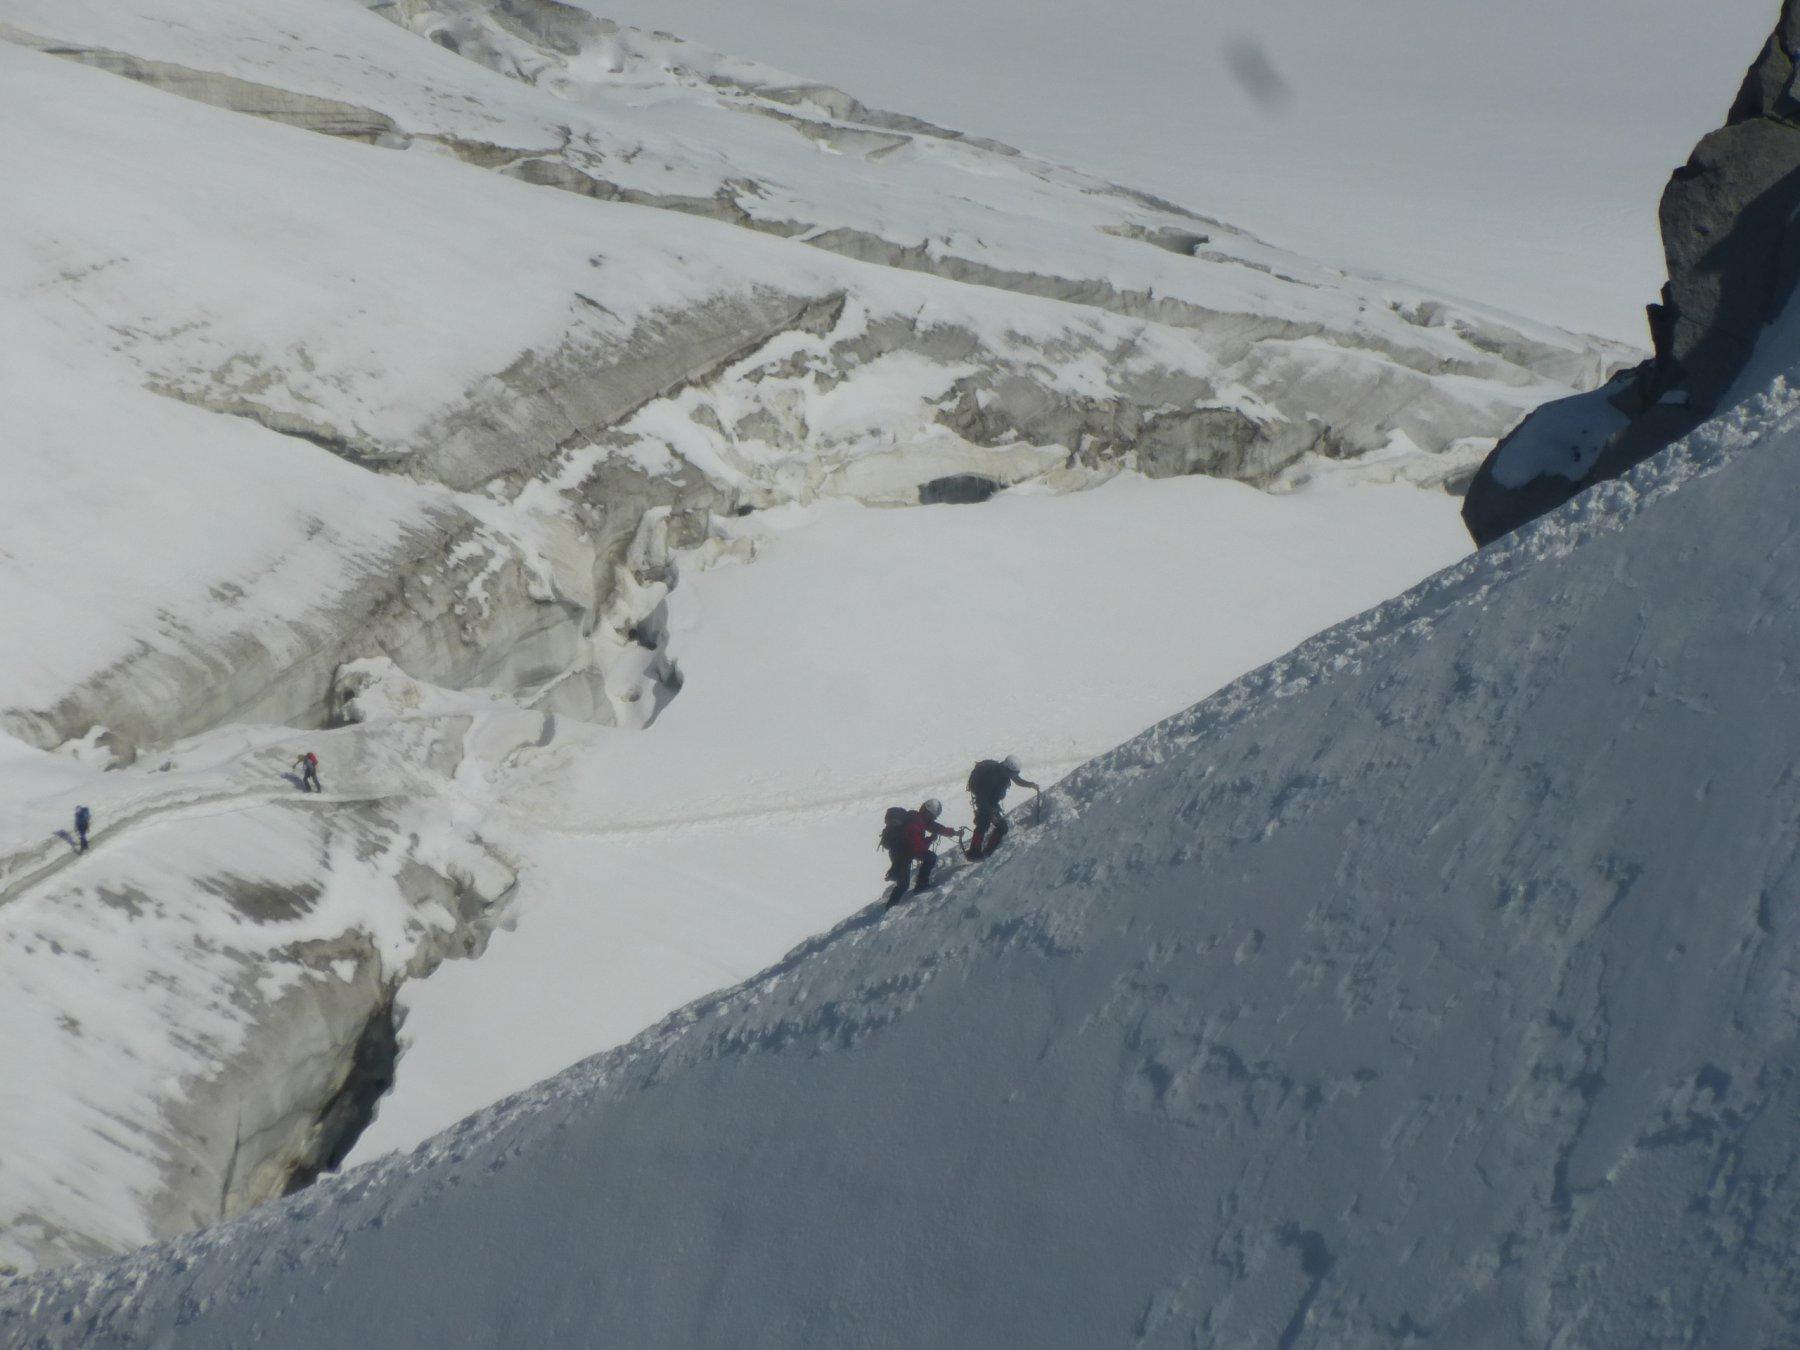 la cresta di neve che porta all'accesso della funivia